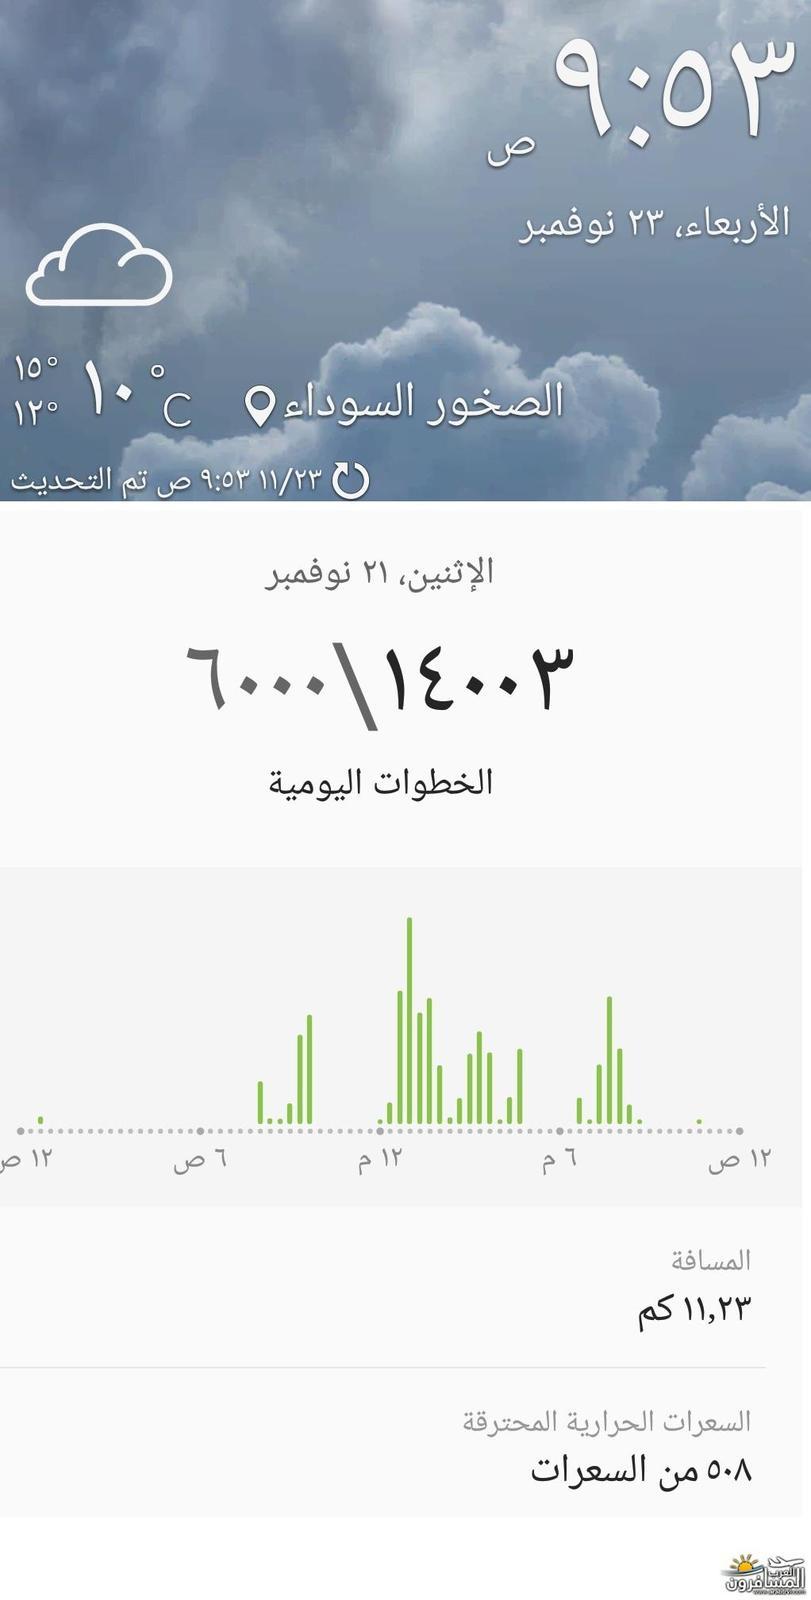 arabtrvl1481214063869.jpg